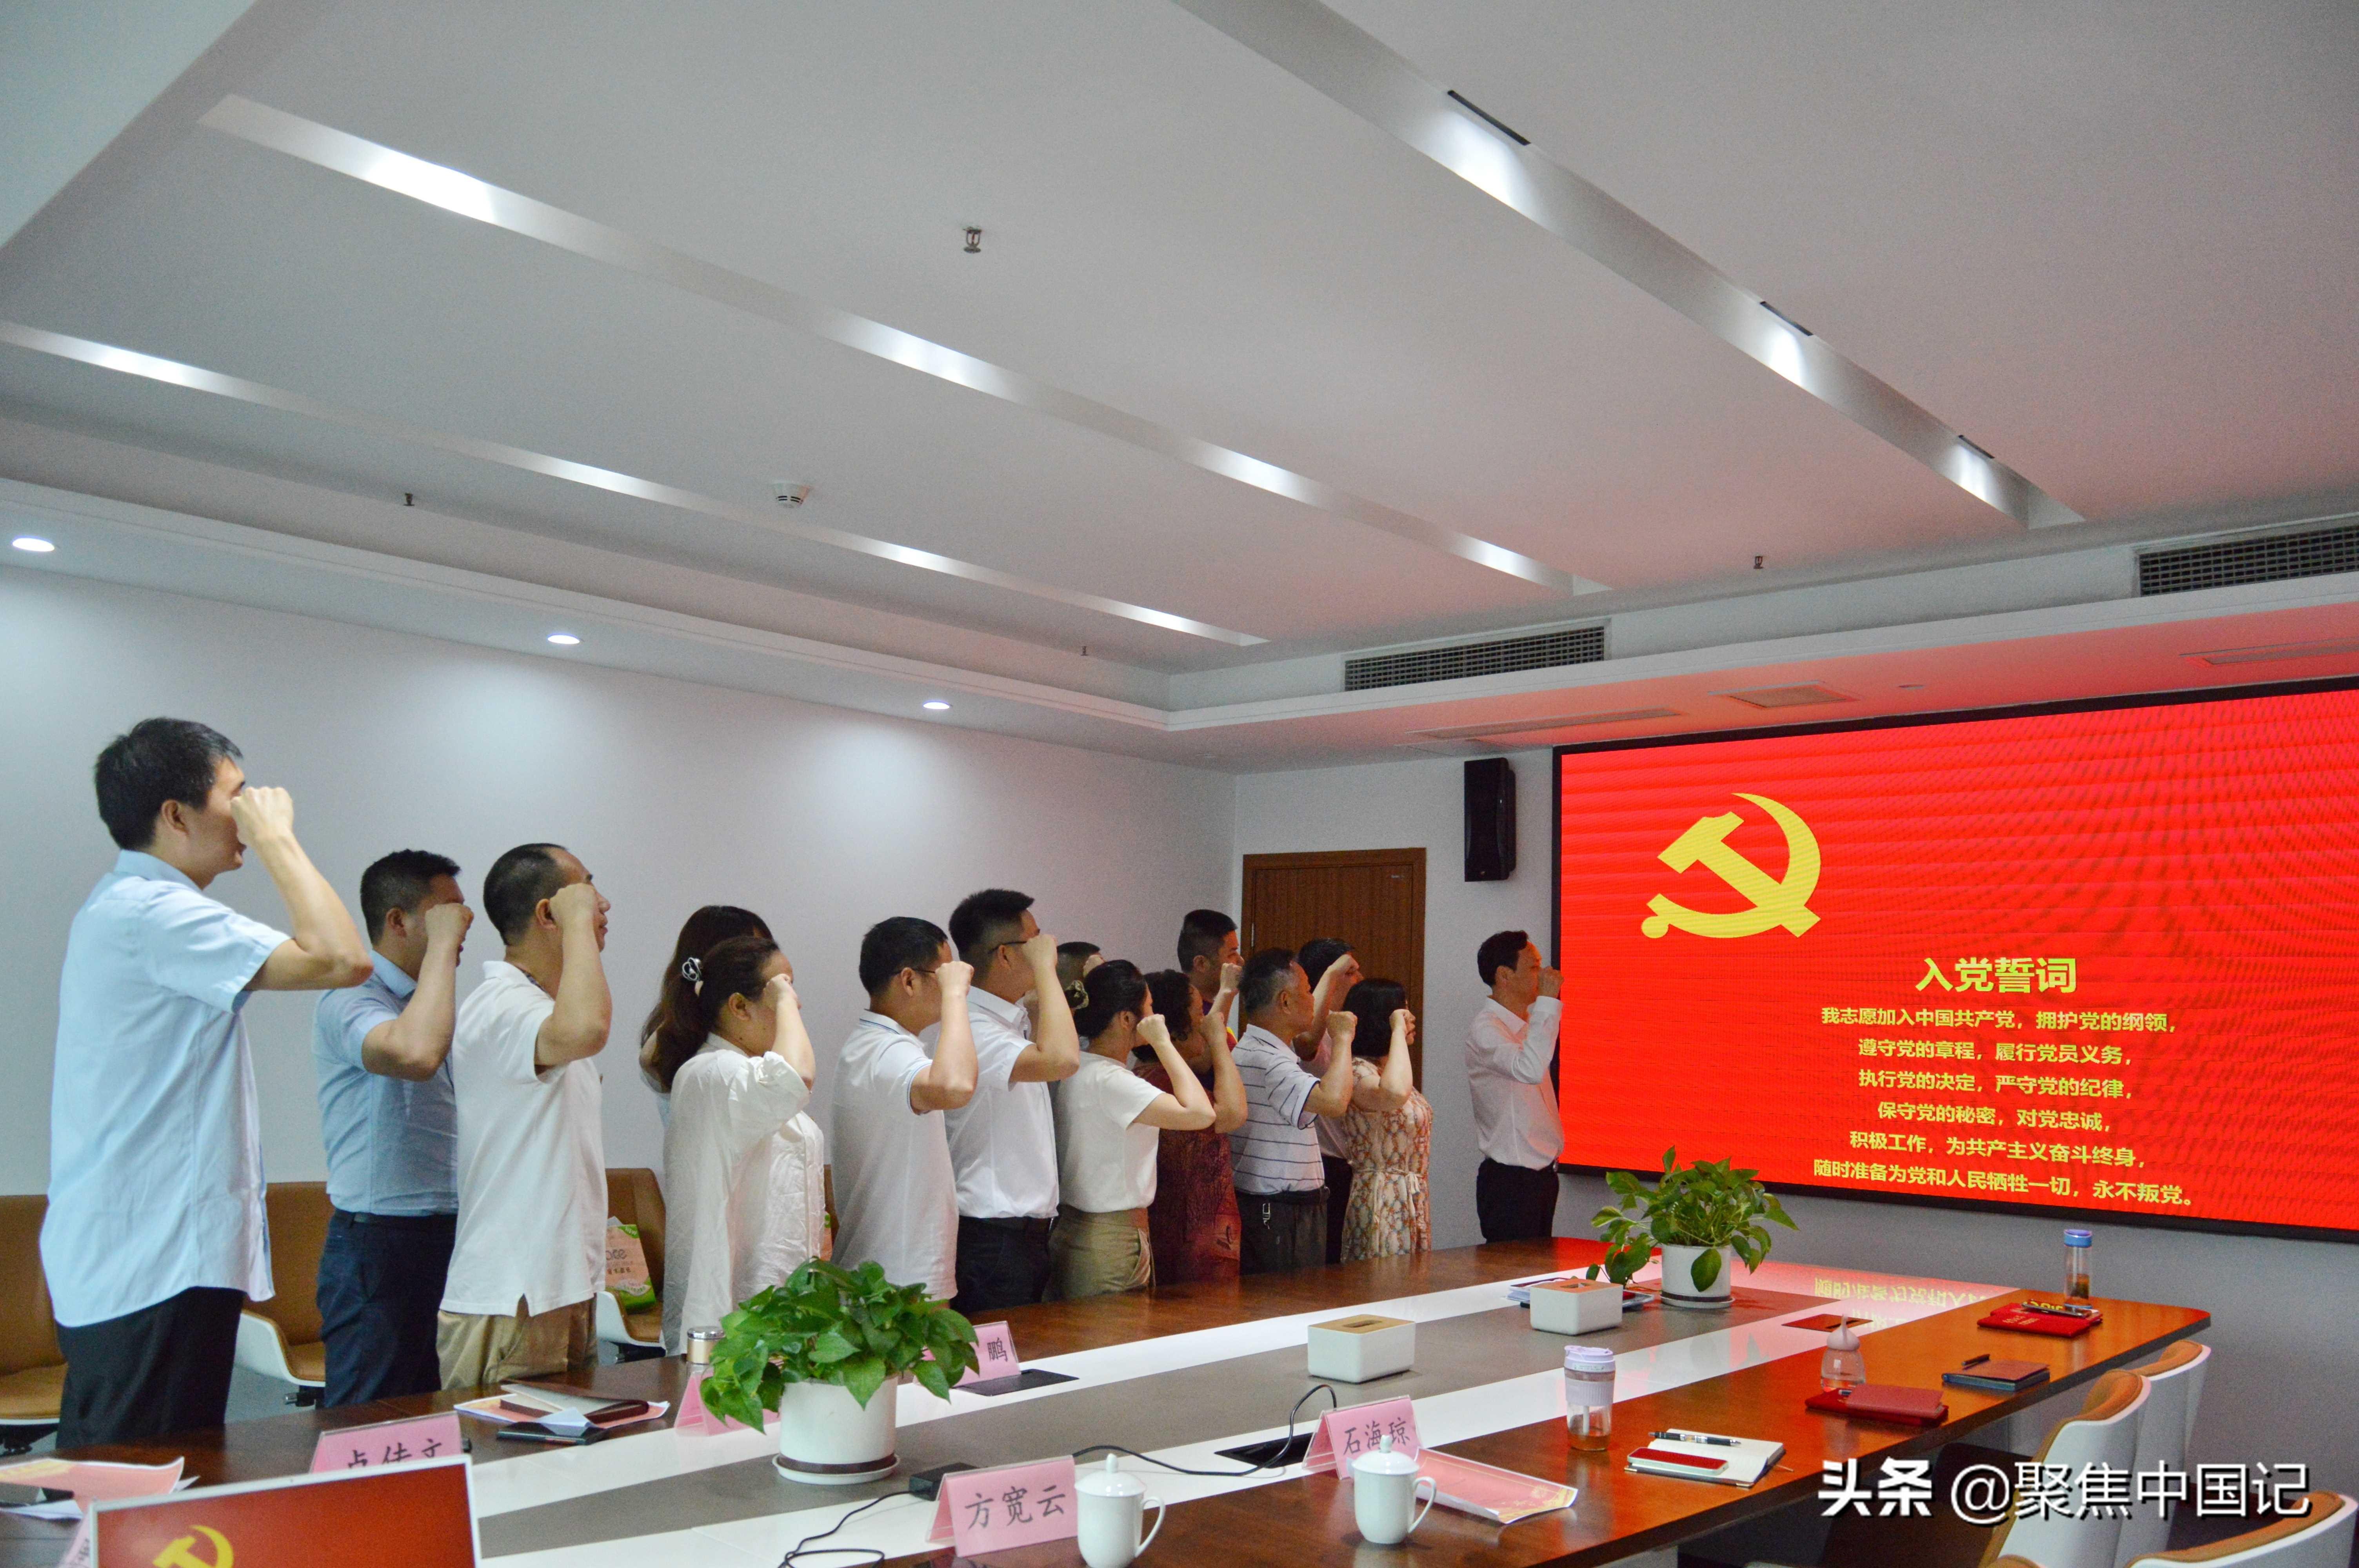 党的光辉照我心|三峡环保集团支部委员会颂党恩、跟党走